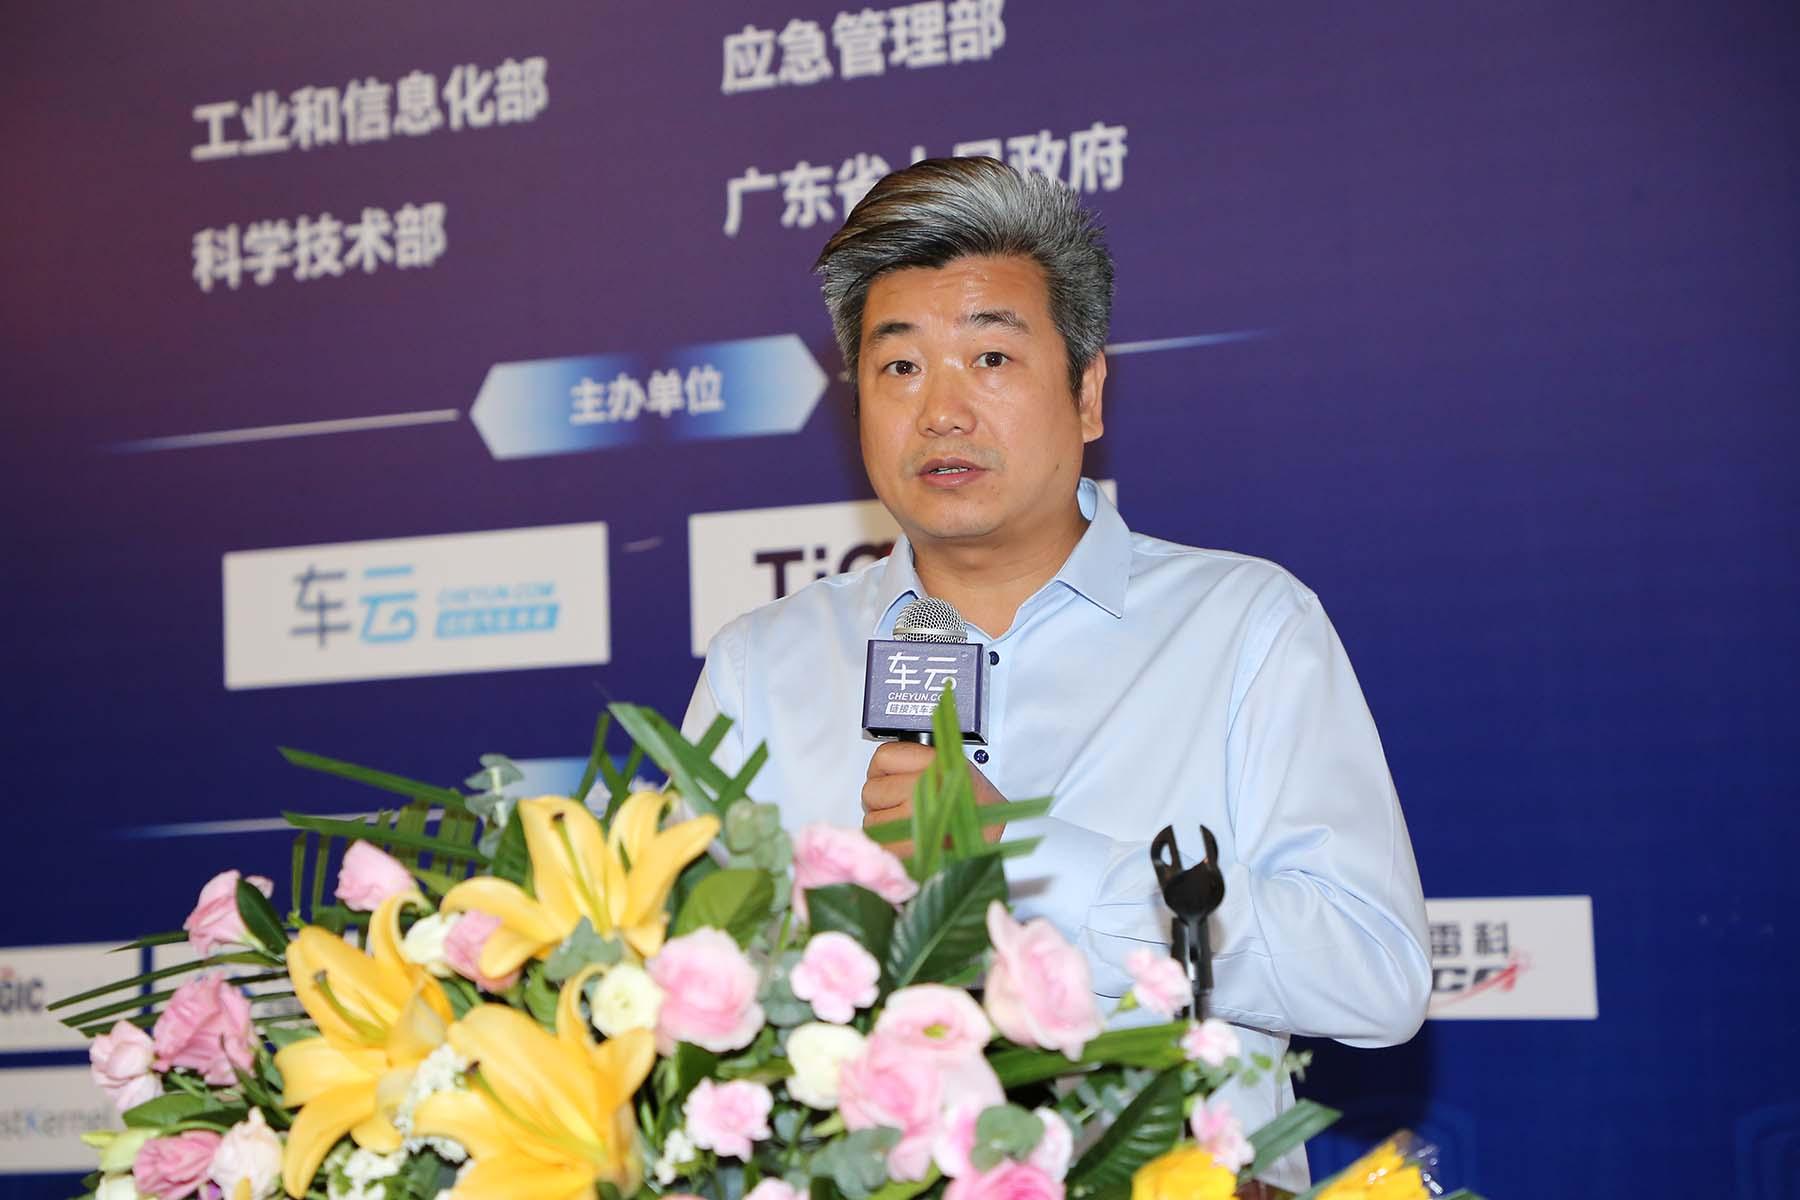 翼卡车联网CEO殷建红